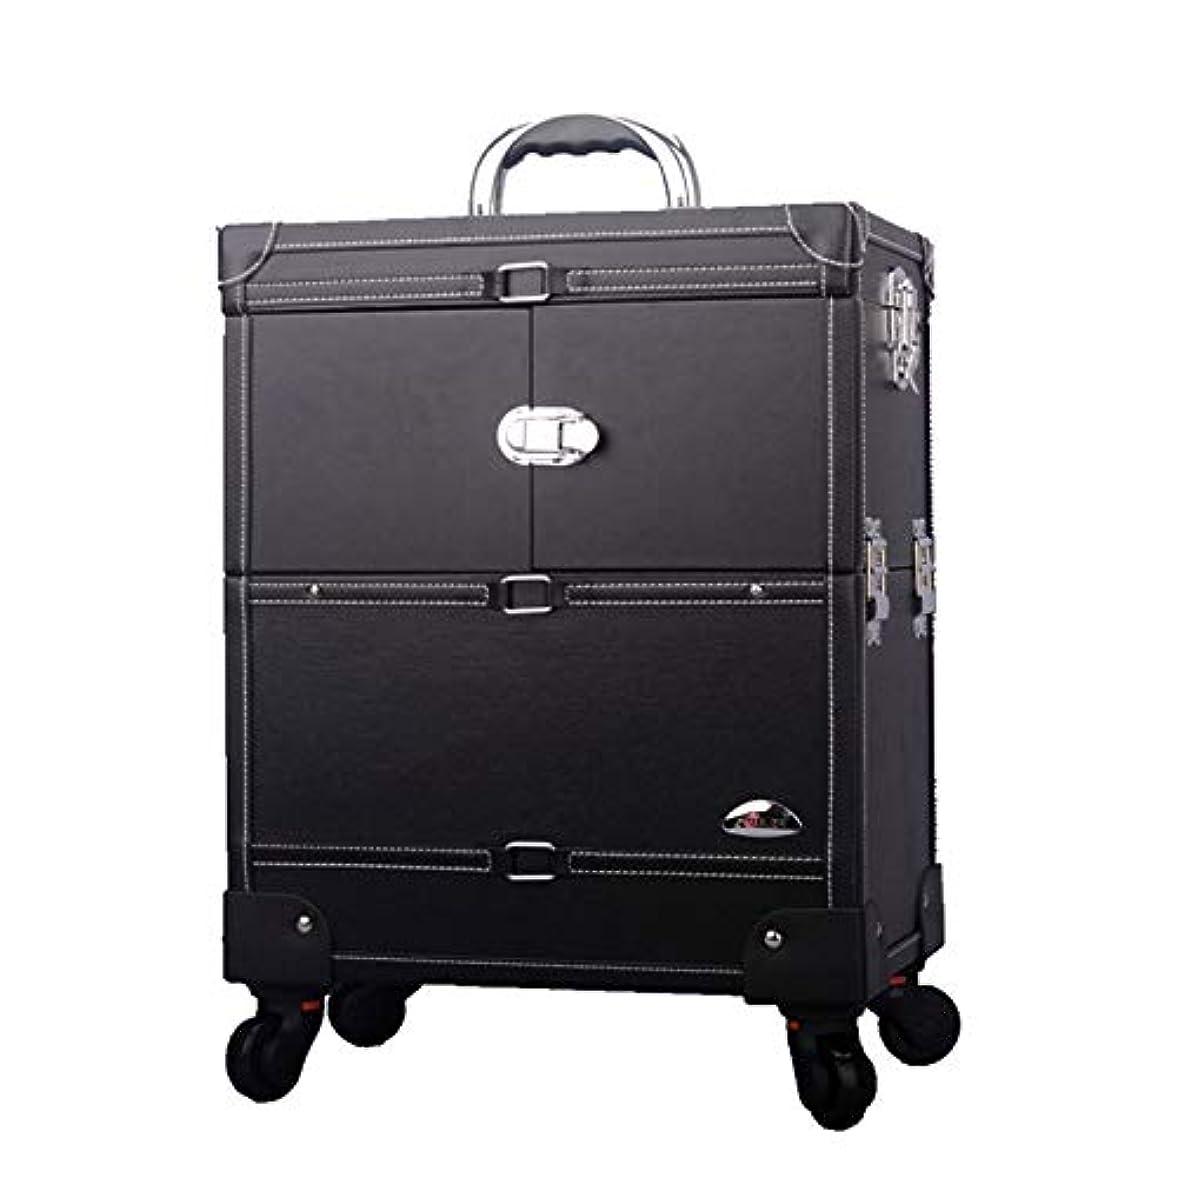 収束するマッシュ配管プロ専用 美容師 クローゼット スーツケース メイクボックス キャリーバッグ ヘアメイク プロ 大容量 軽量 高品質 多機能 I-JL-3623T-B-T